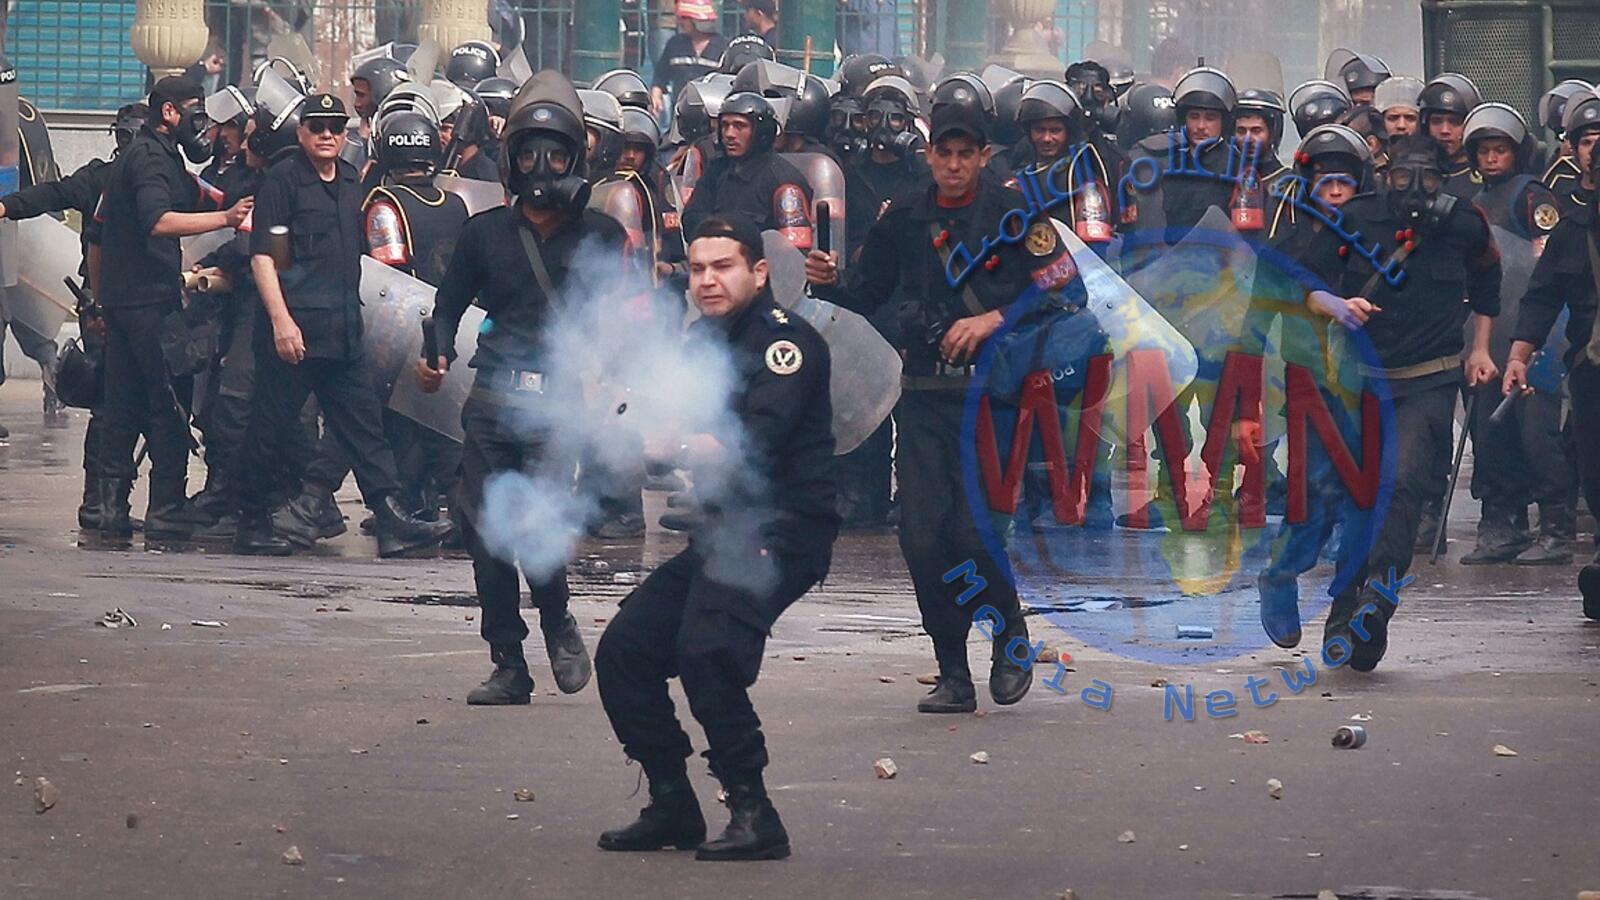 مصر تقتل 56 مواطنا بعد تعرضهم للاختفاء القسري